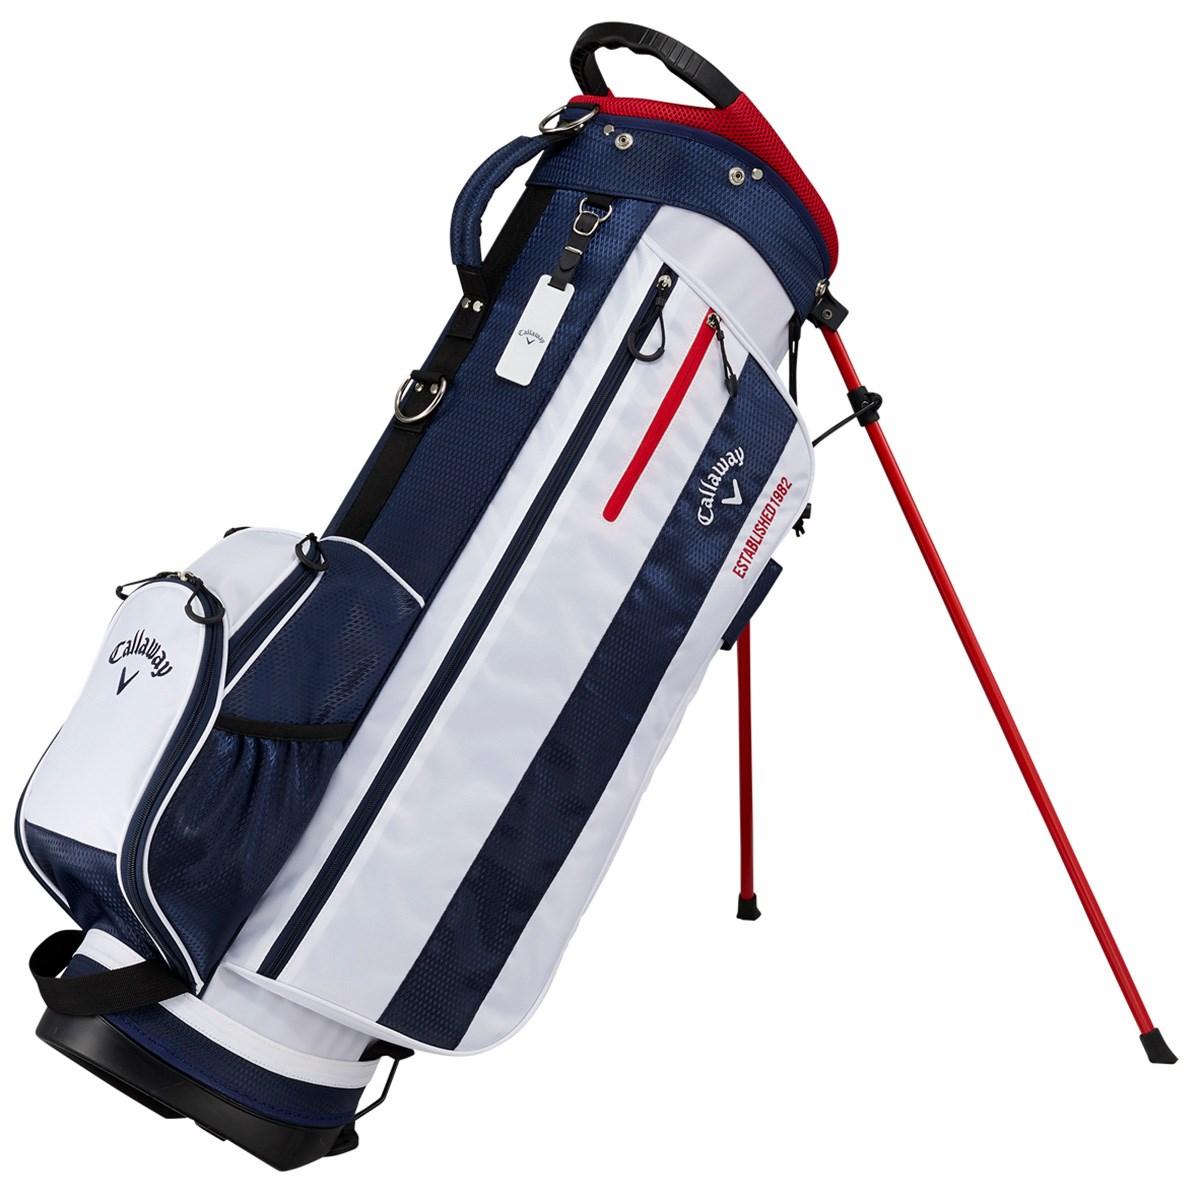 キャロウェイゴルフ(Callaway Golf) CHEV JM スタンドキャディバッグ